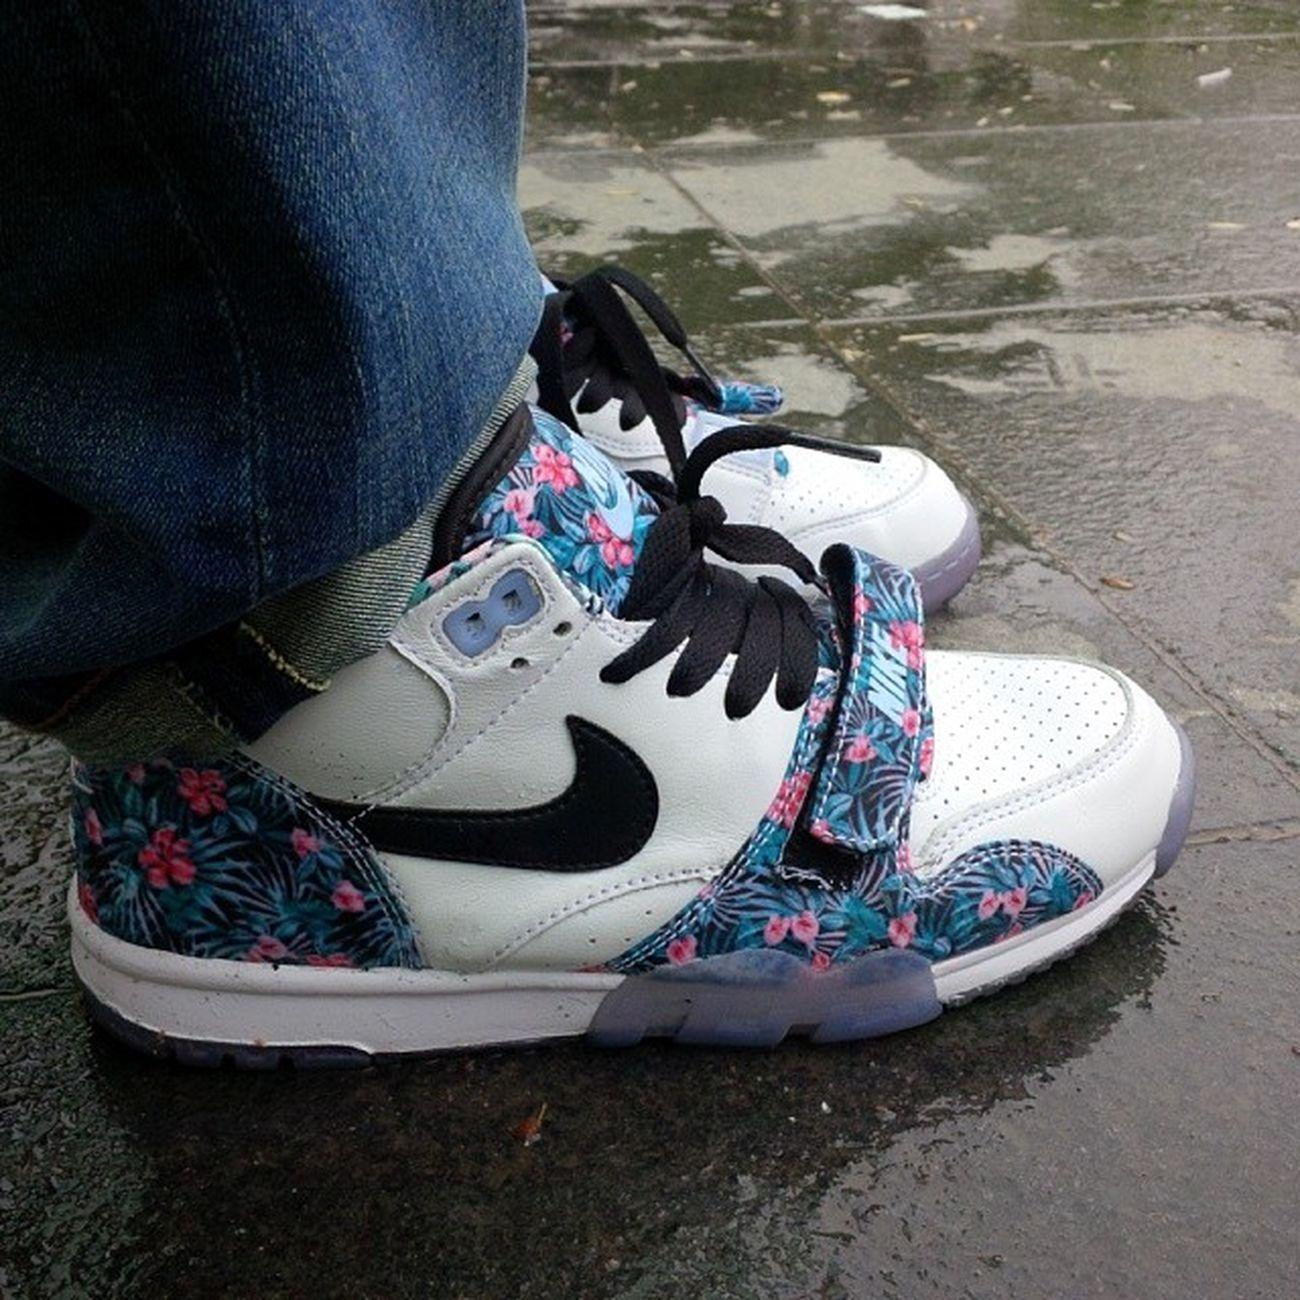 Lundi Nikeair Nikelover Strasshit strasbourg niketrainer fleur flowers pluie fou skizo sneakers pornshoes photo amazing style